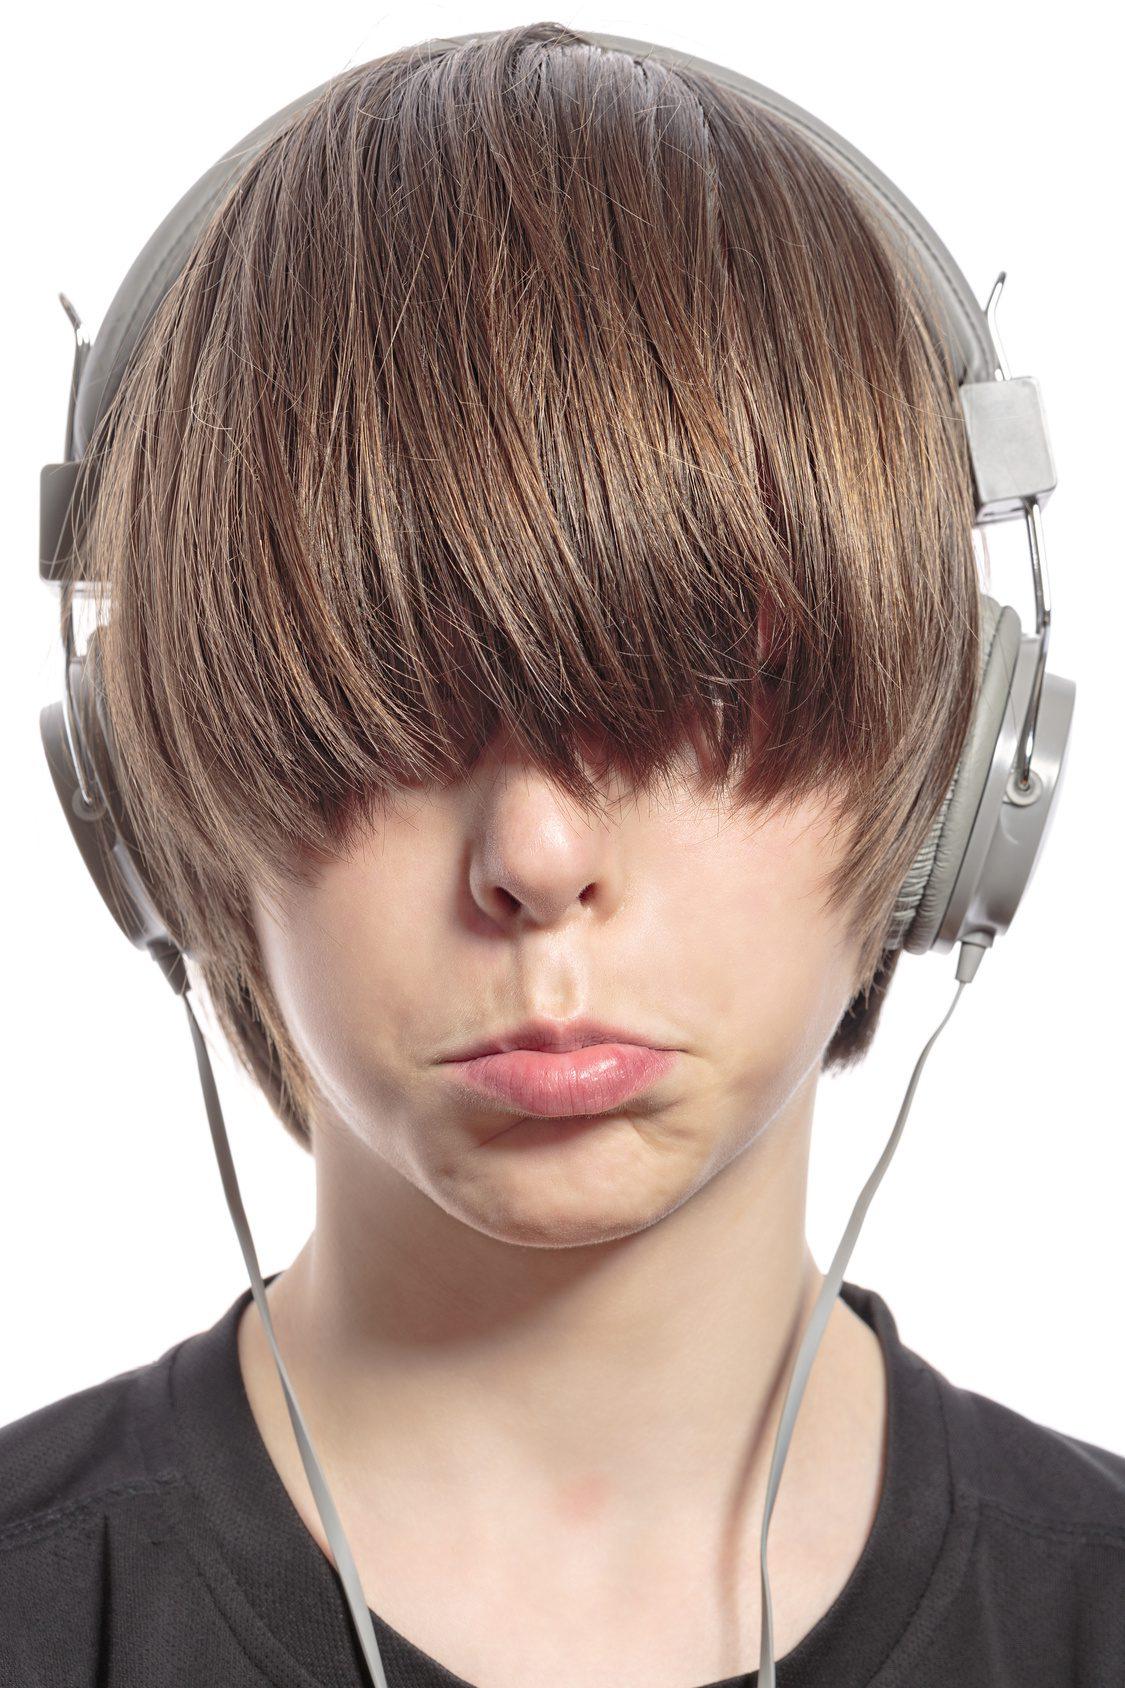 Adolescent boy, teenage voice change